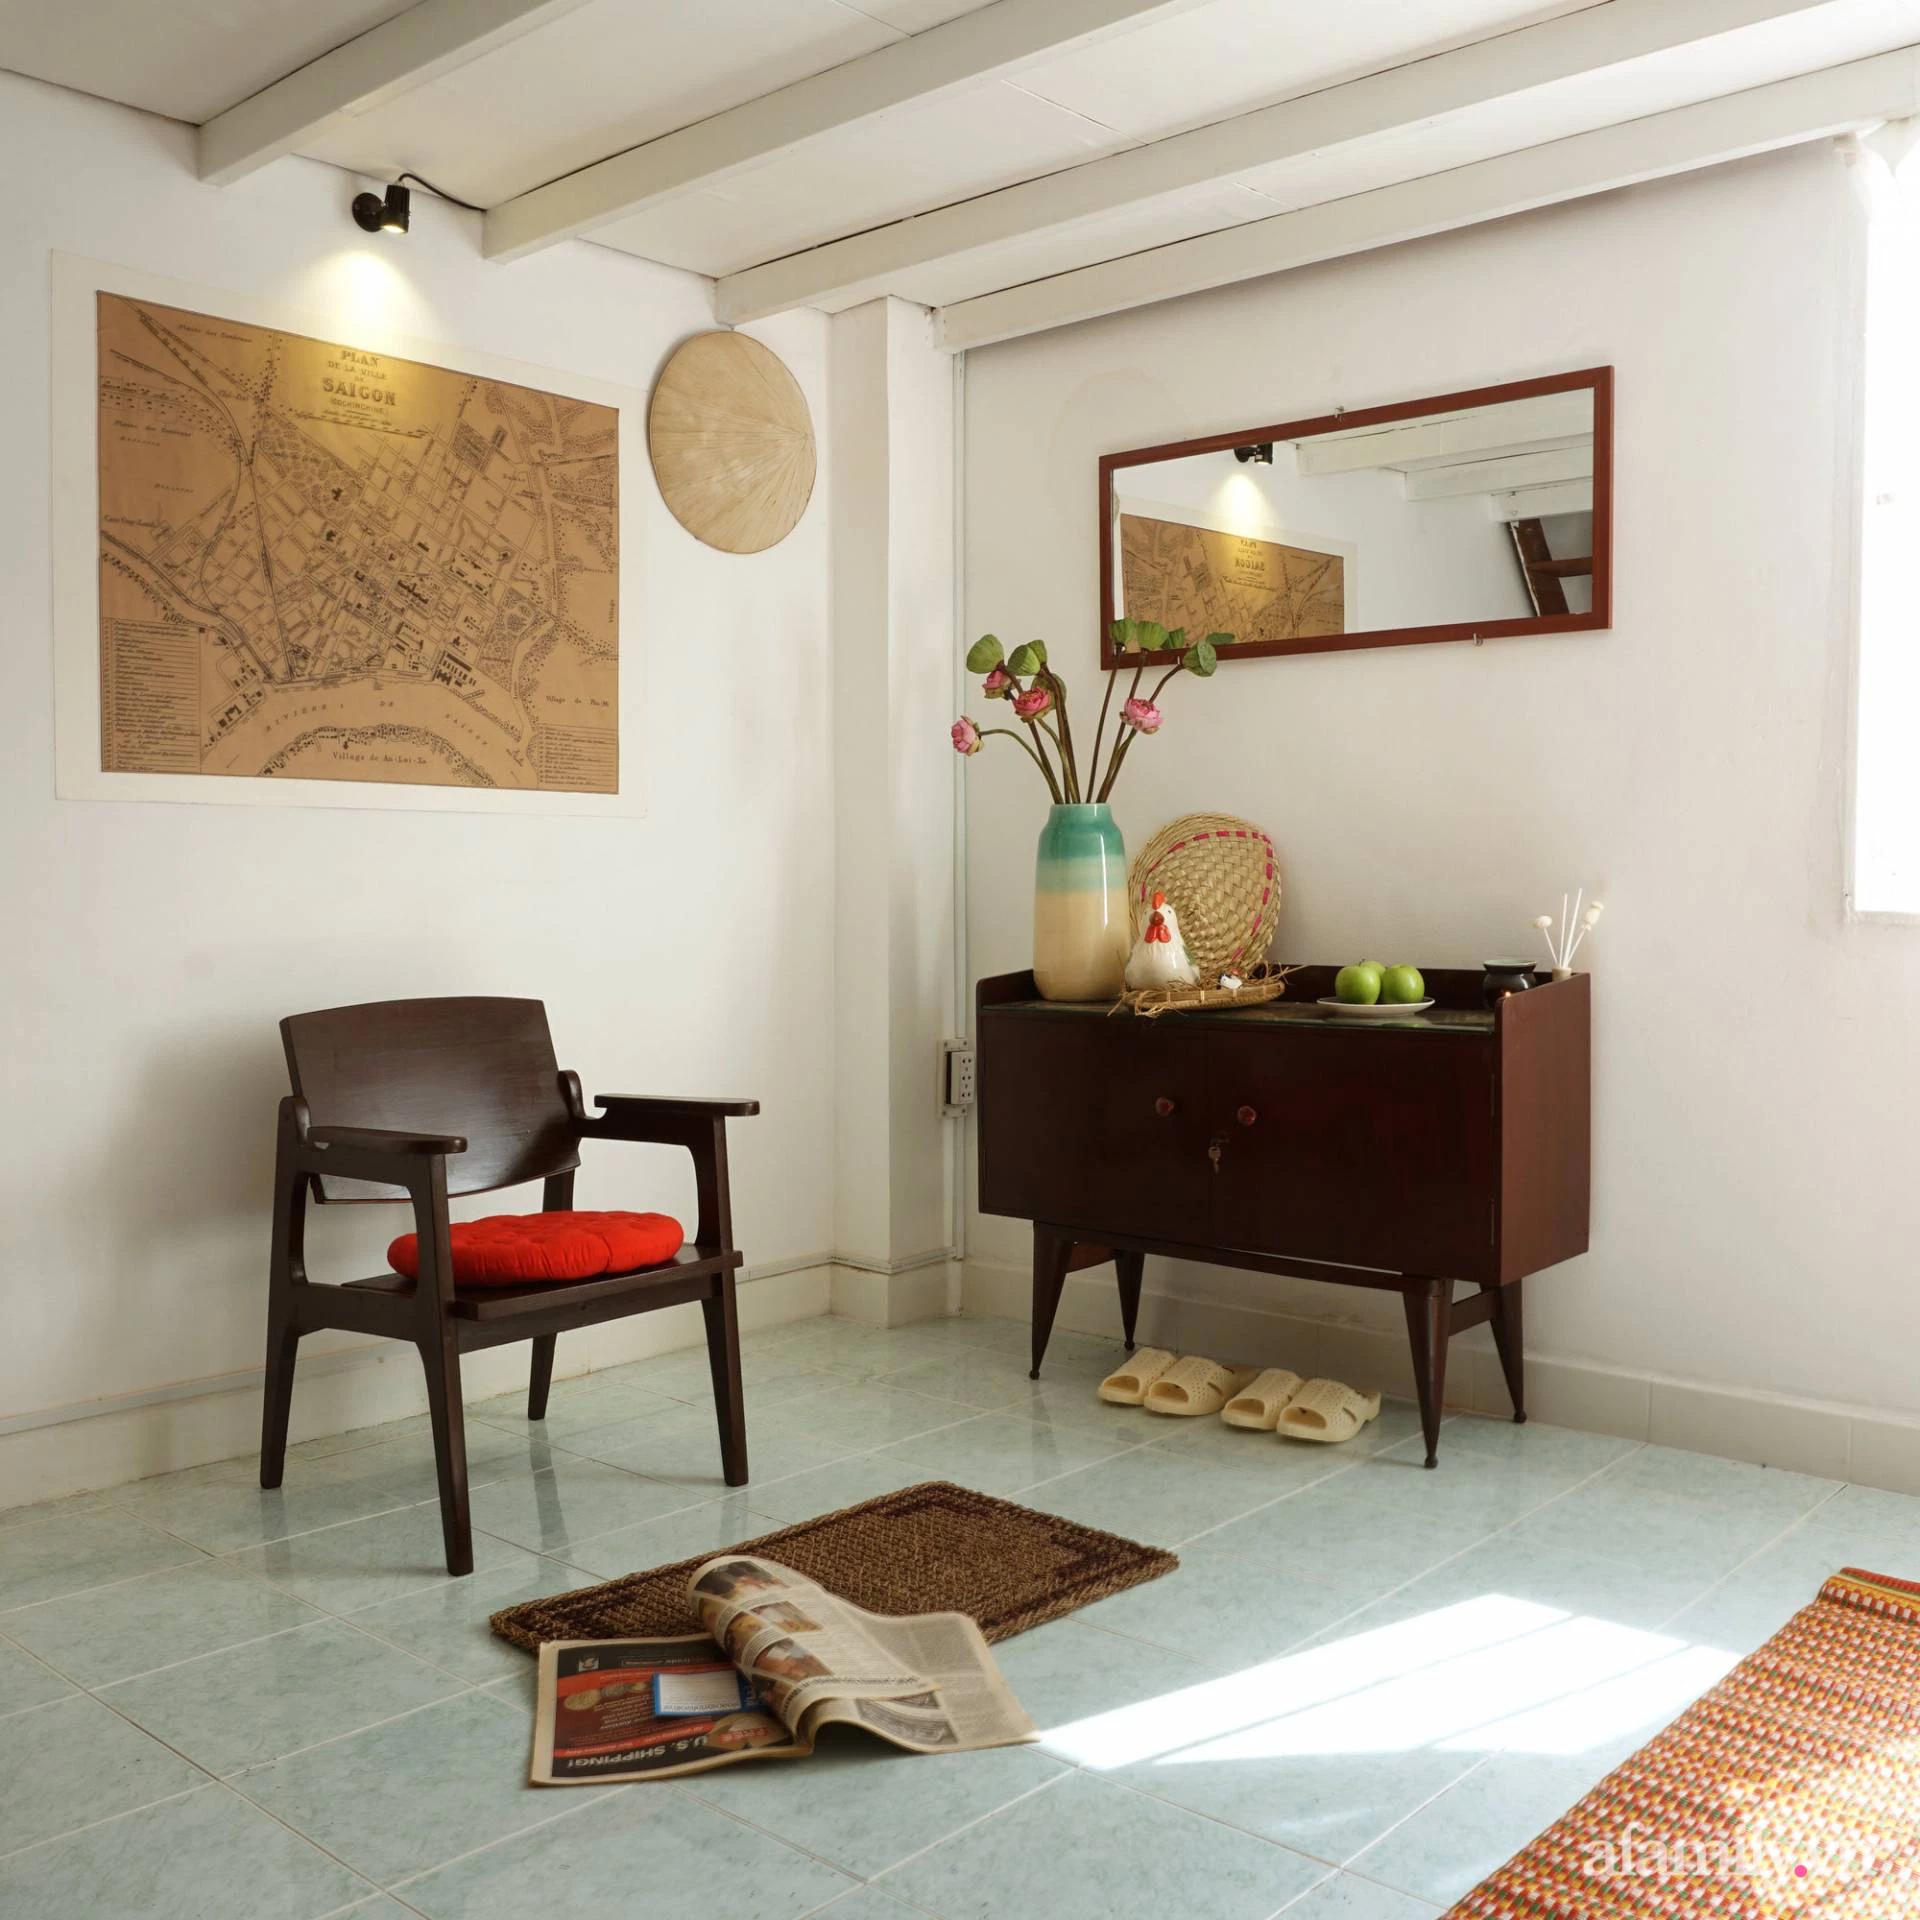 Cải tạo nhà tập thể đẹp hoài cổ lấy cảm hứng từ phong cách Đông Dương có chi phí 120 triệu đồng ở Sài Gòn - Ảnh 3.